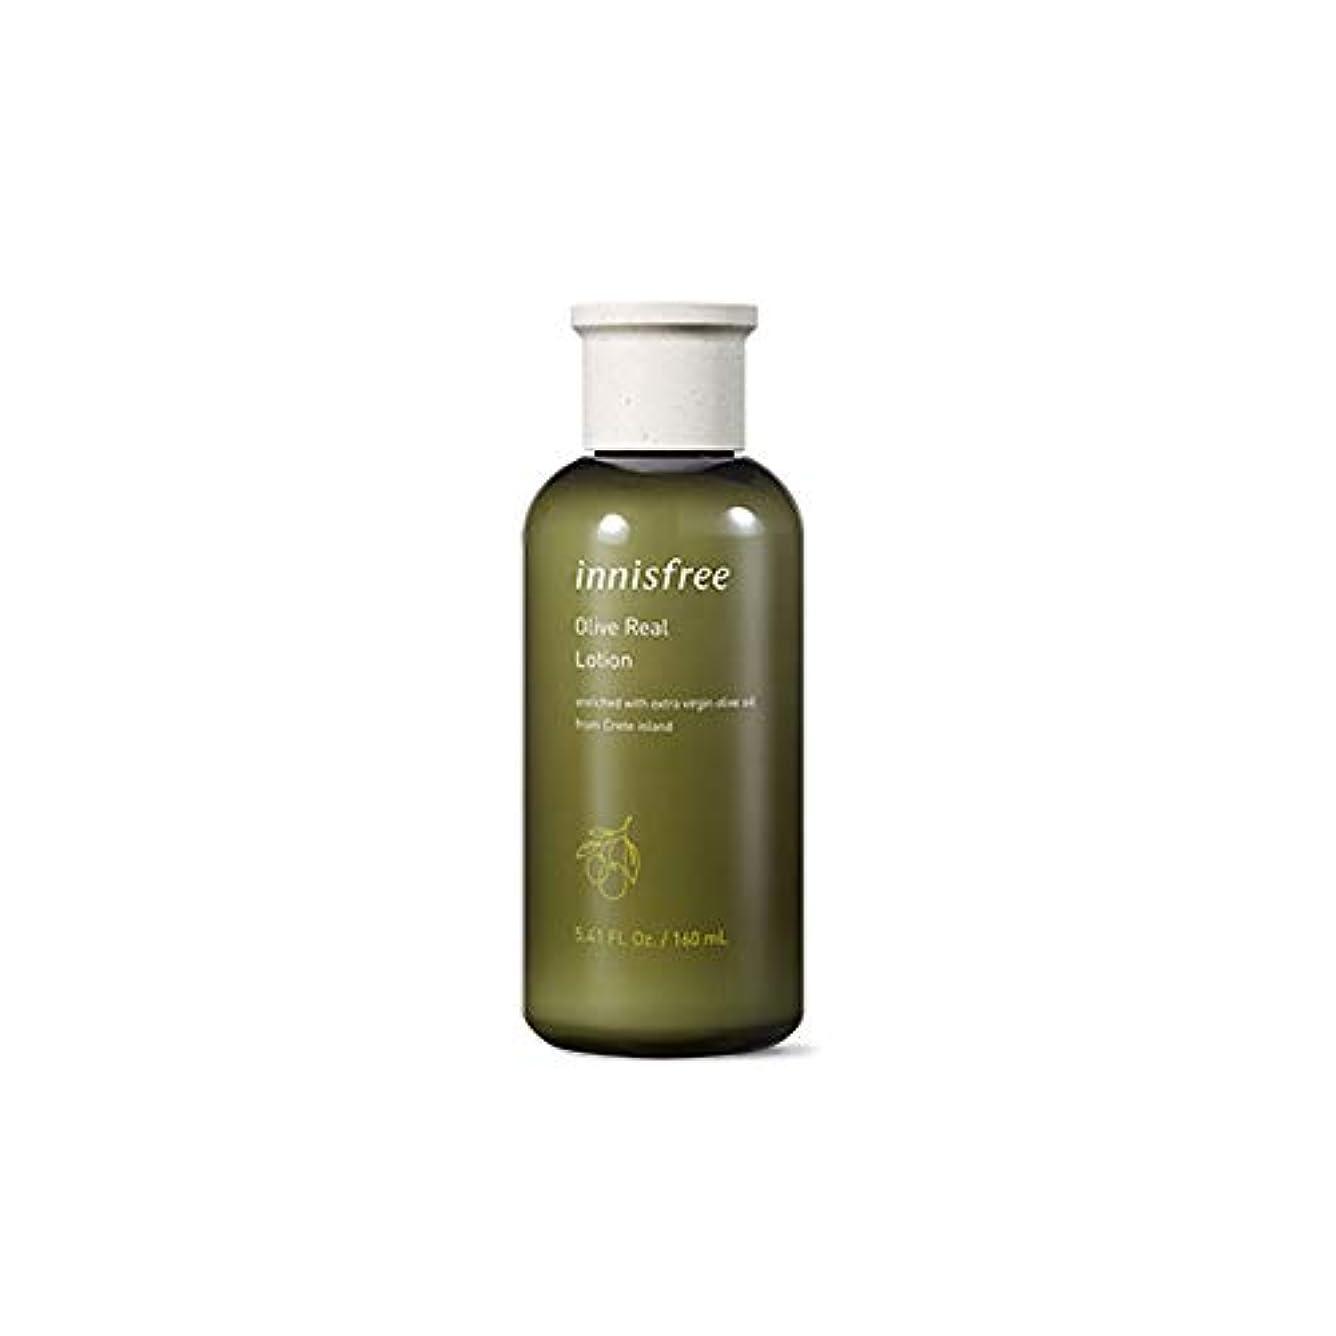 断言する批判チャーミングNEW[イニスフリー] Innisfree オリーブリアルローション乳液EX(160ml) Innisfree Olive Real Lotion(160ml)EX [海外直送品]